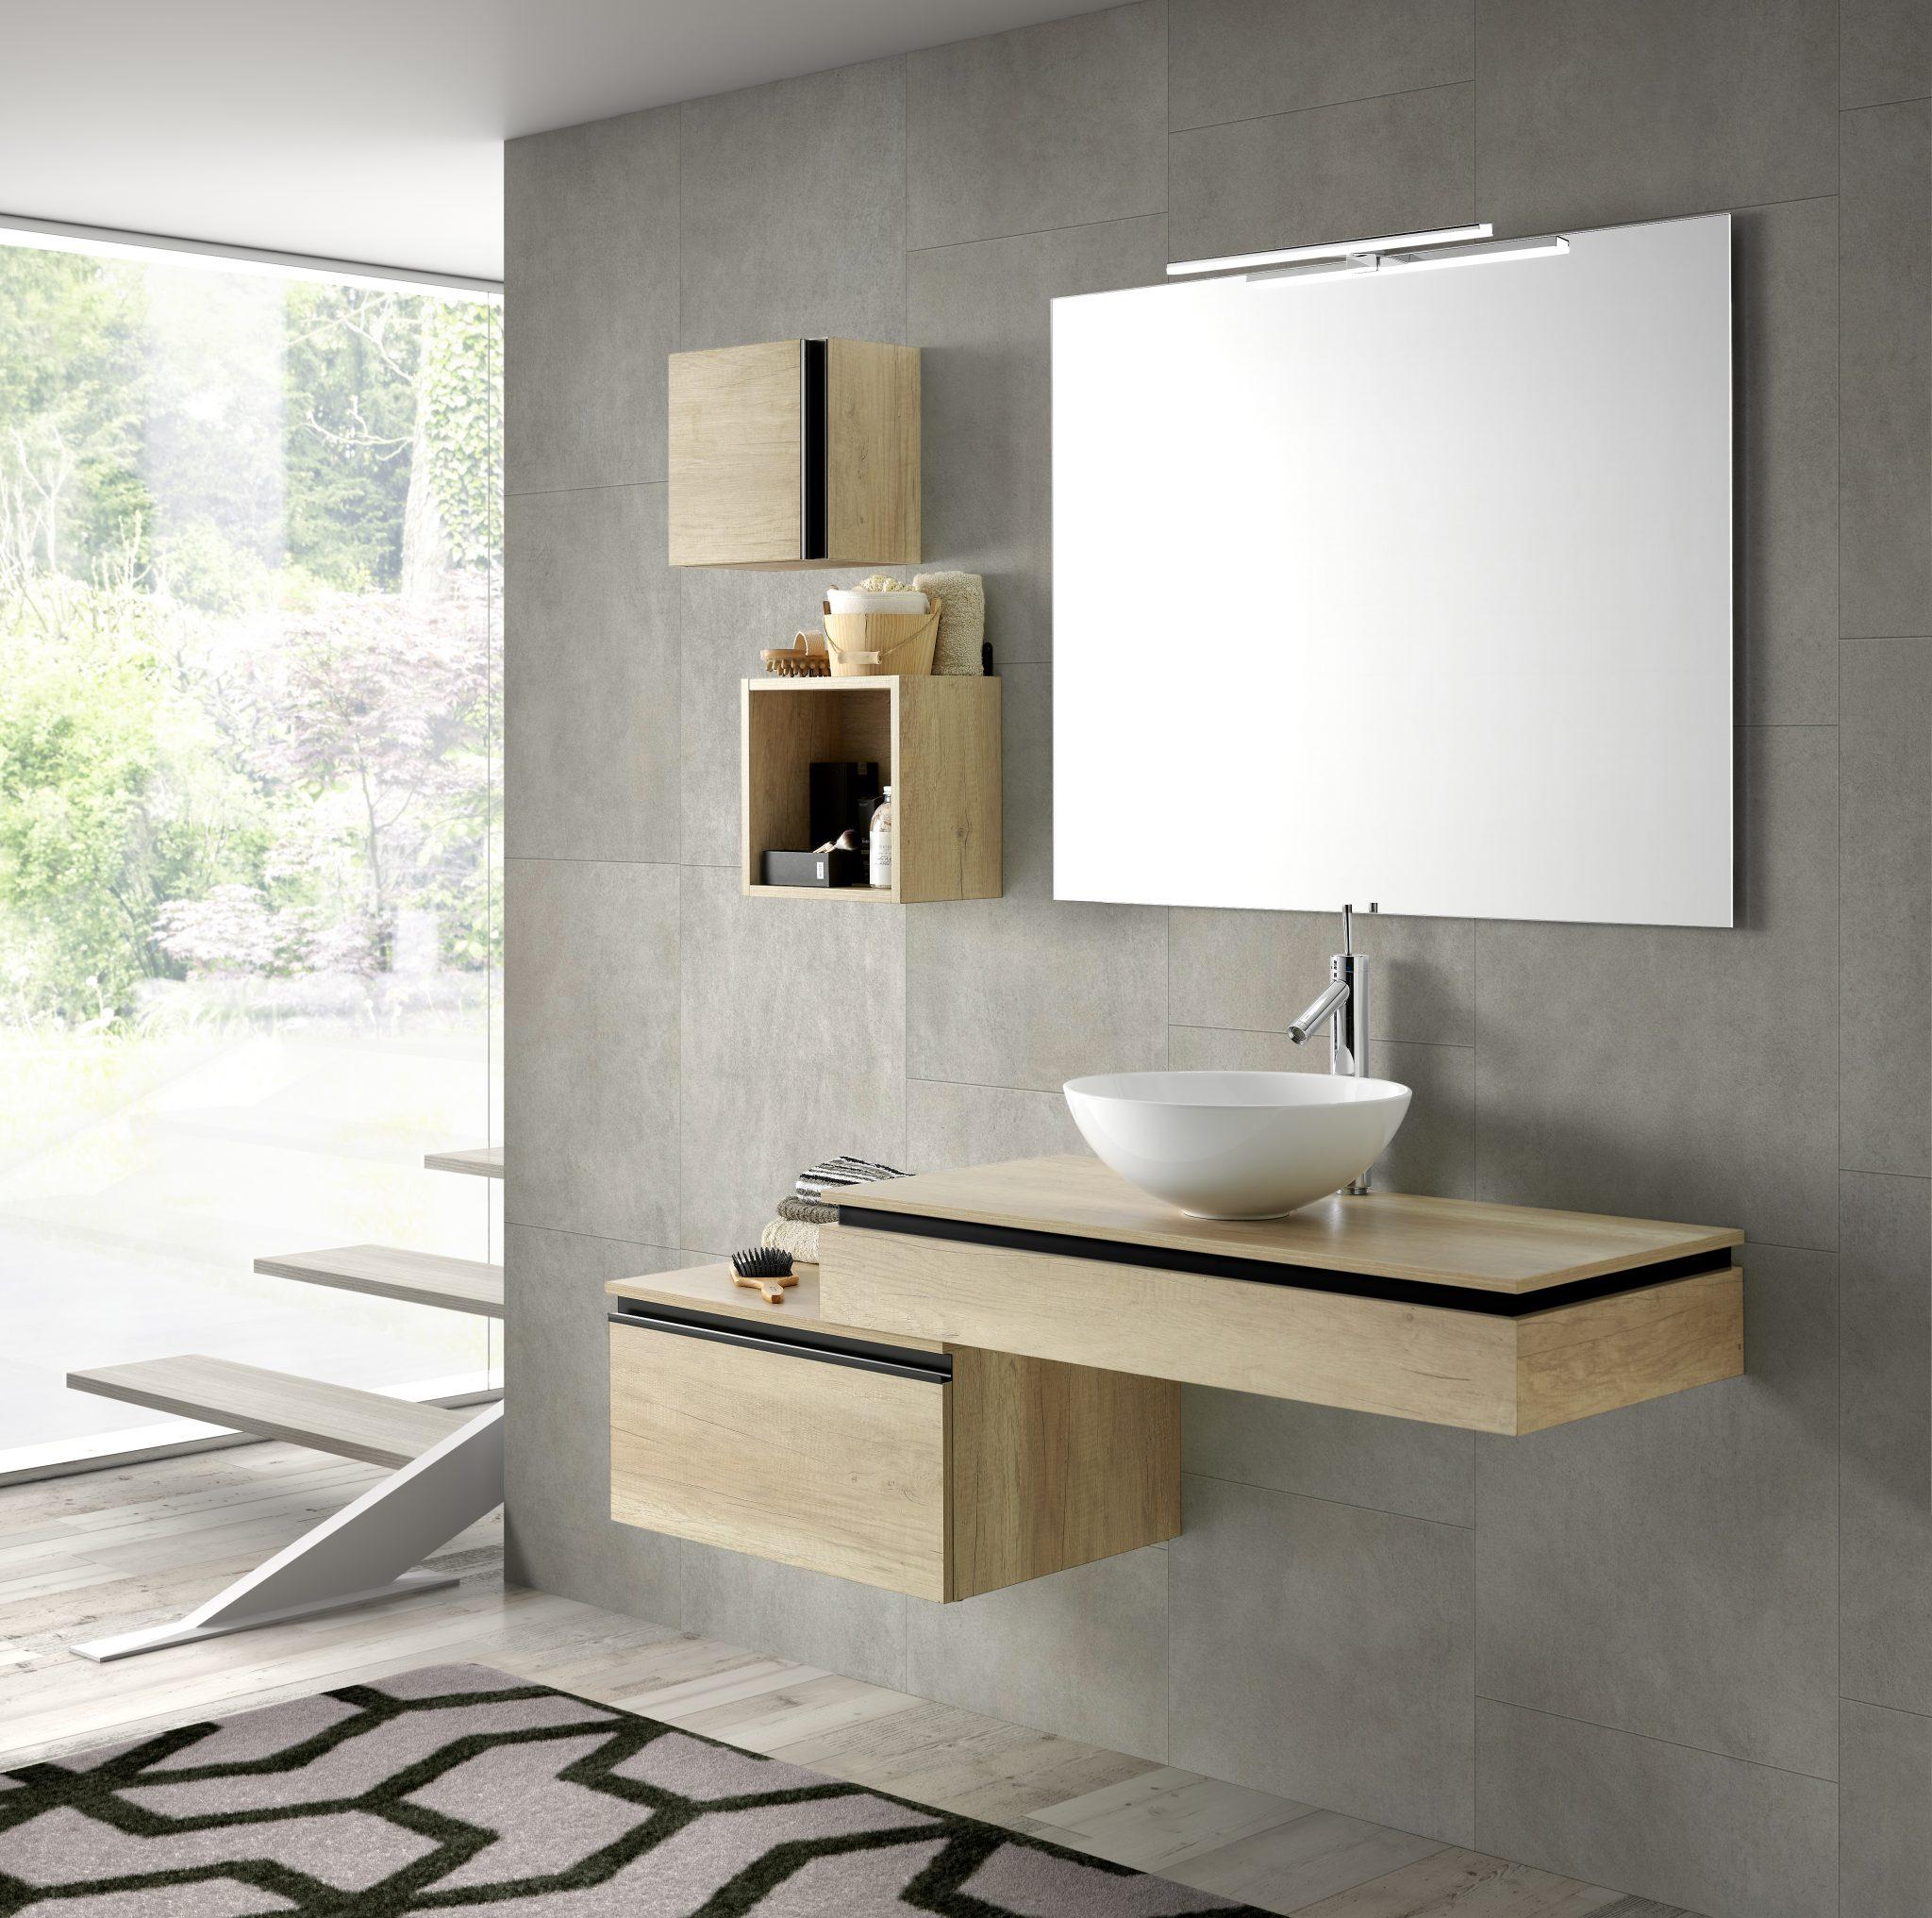 Home bellezza mobiliario de ba o de dise o for Mobiliario banos diseno